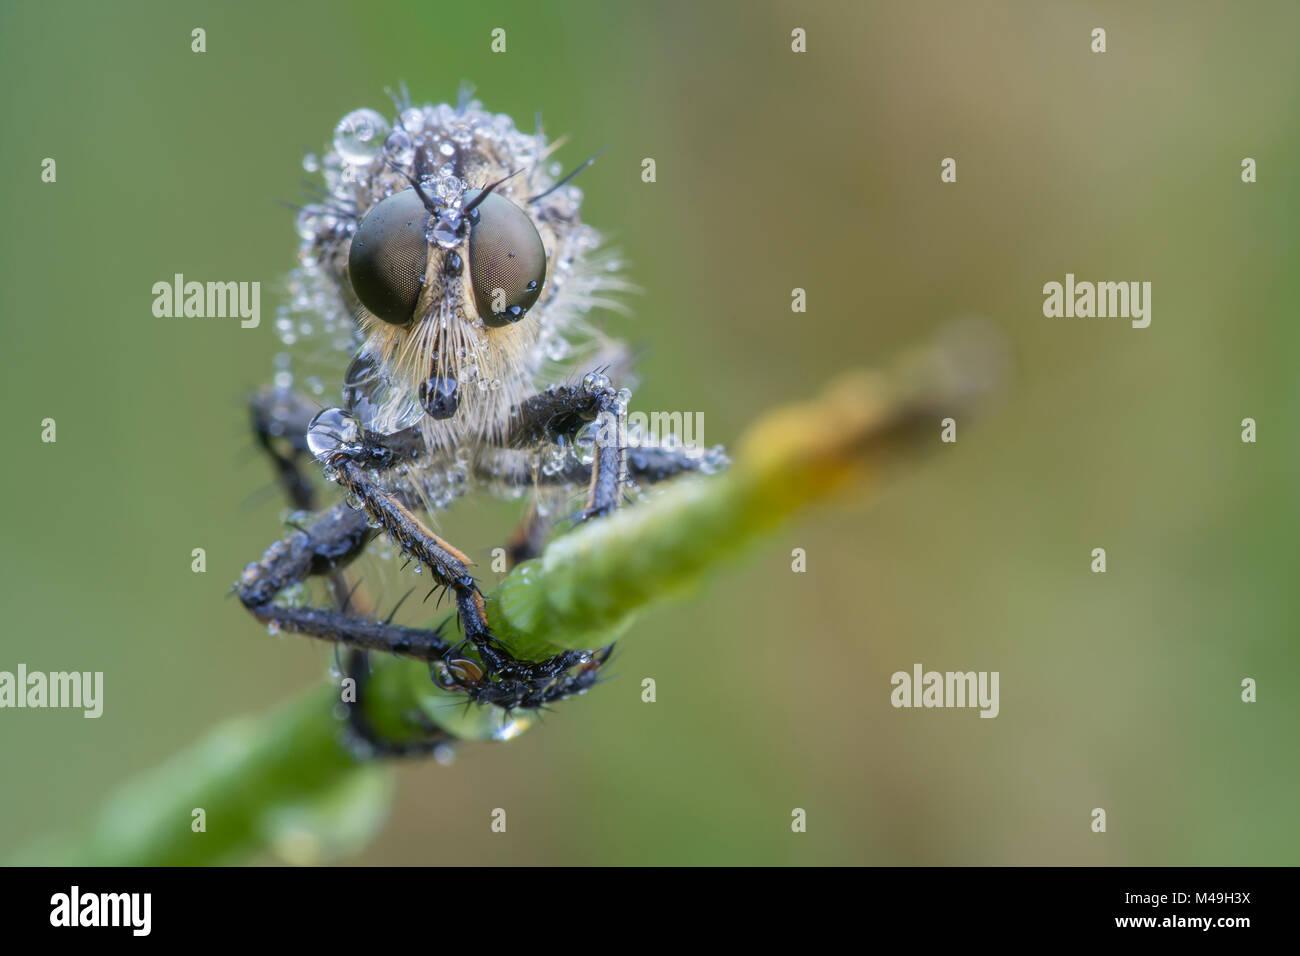 Robber fly (Eutolmus rufibarbis) De Inslag, Brasschaat, Belgium July - Stock Image